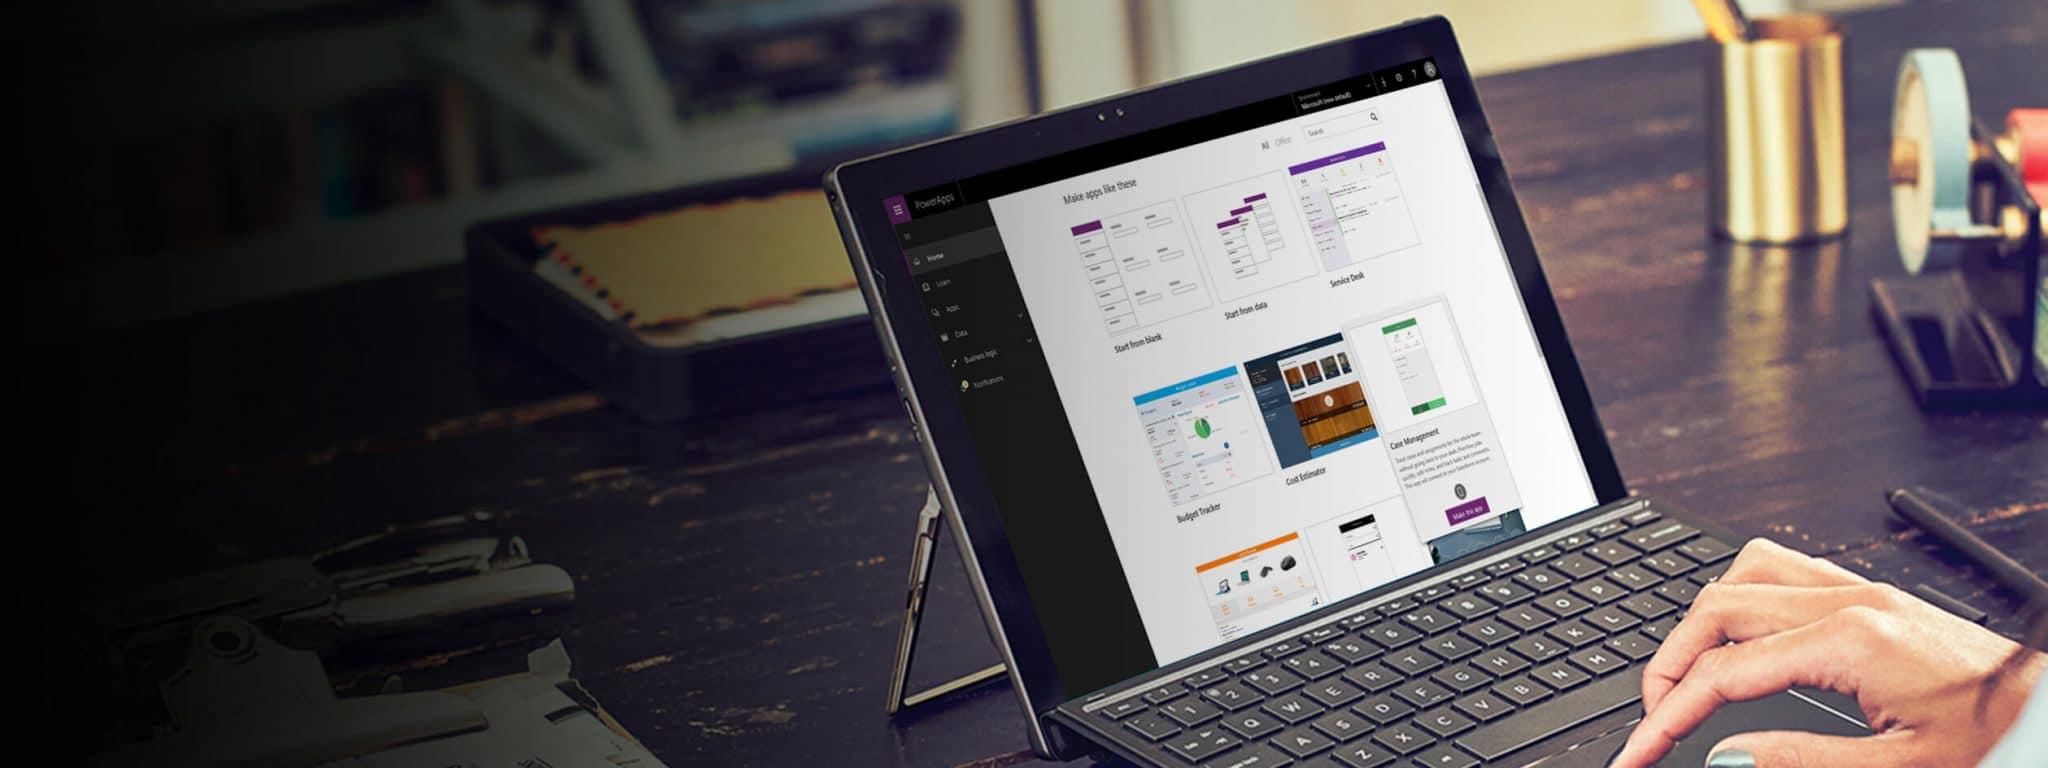 Van MS Access naar Power Apps, Power Apps, Microsoft, Apps